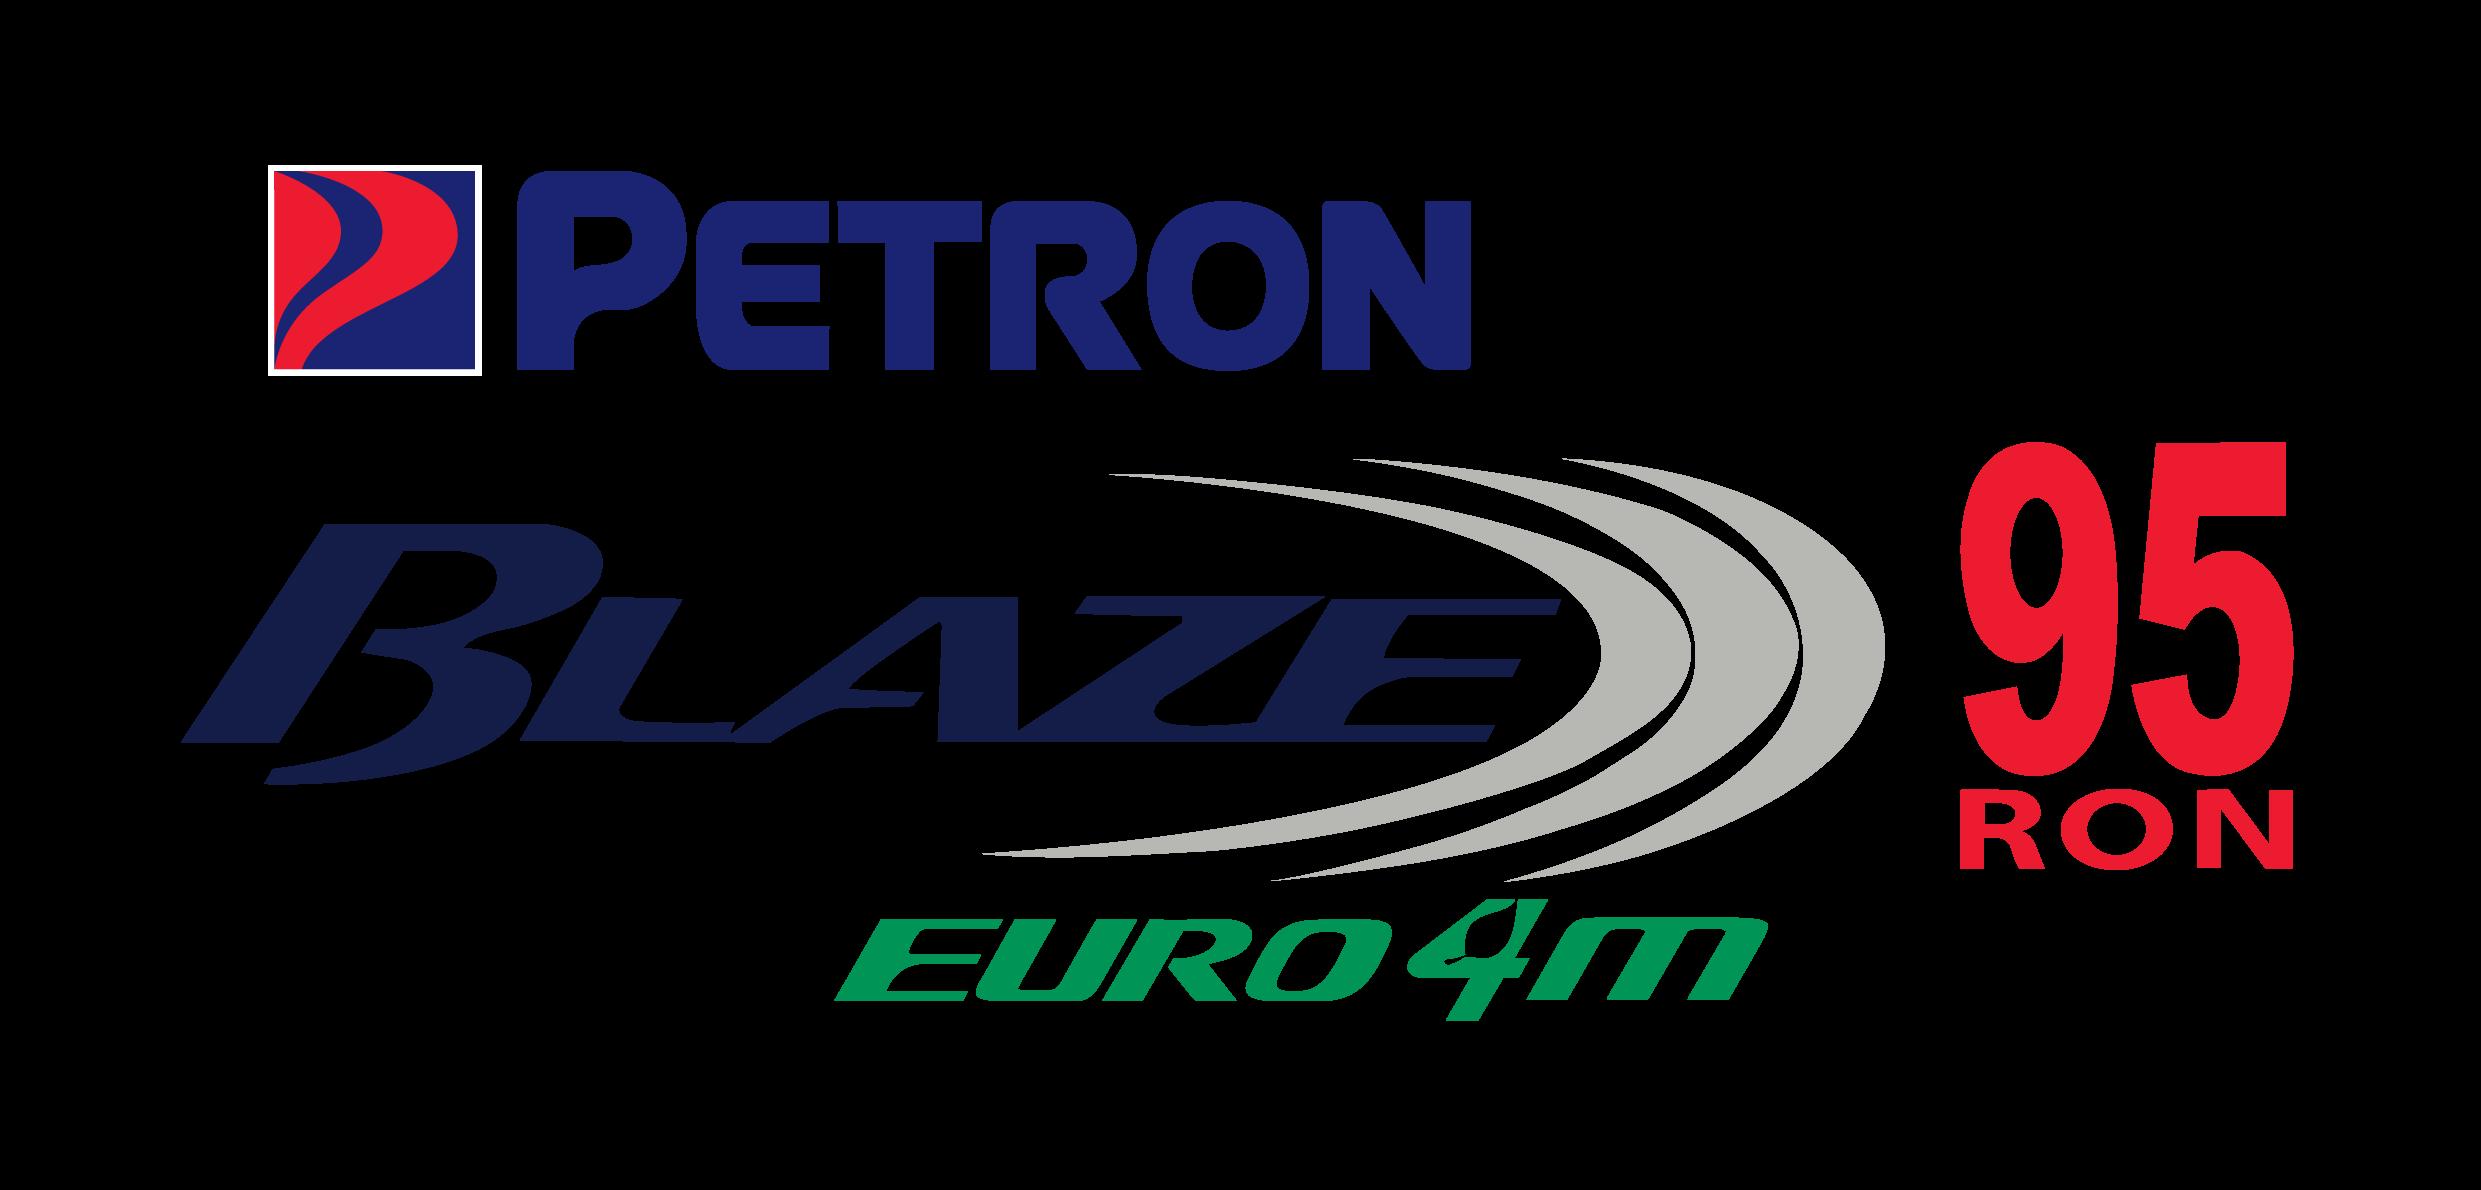 Petron Blaze 95 Euro 4M